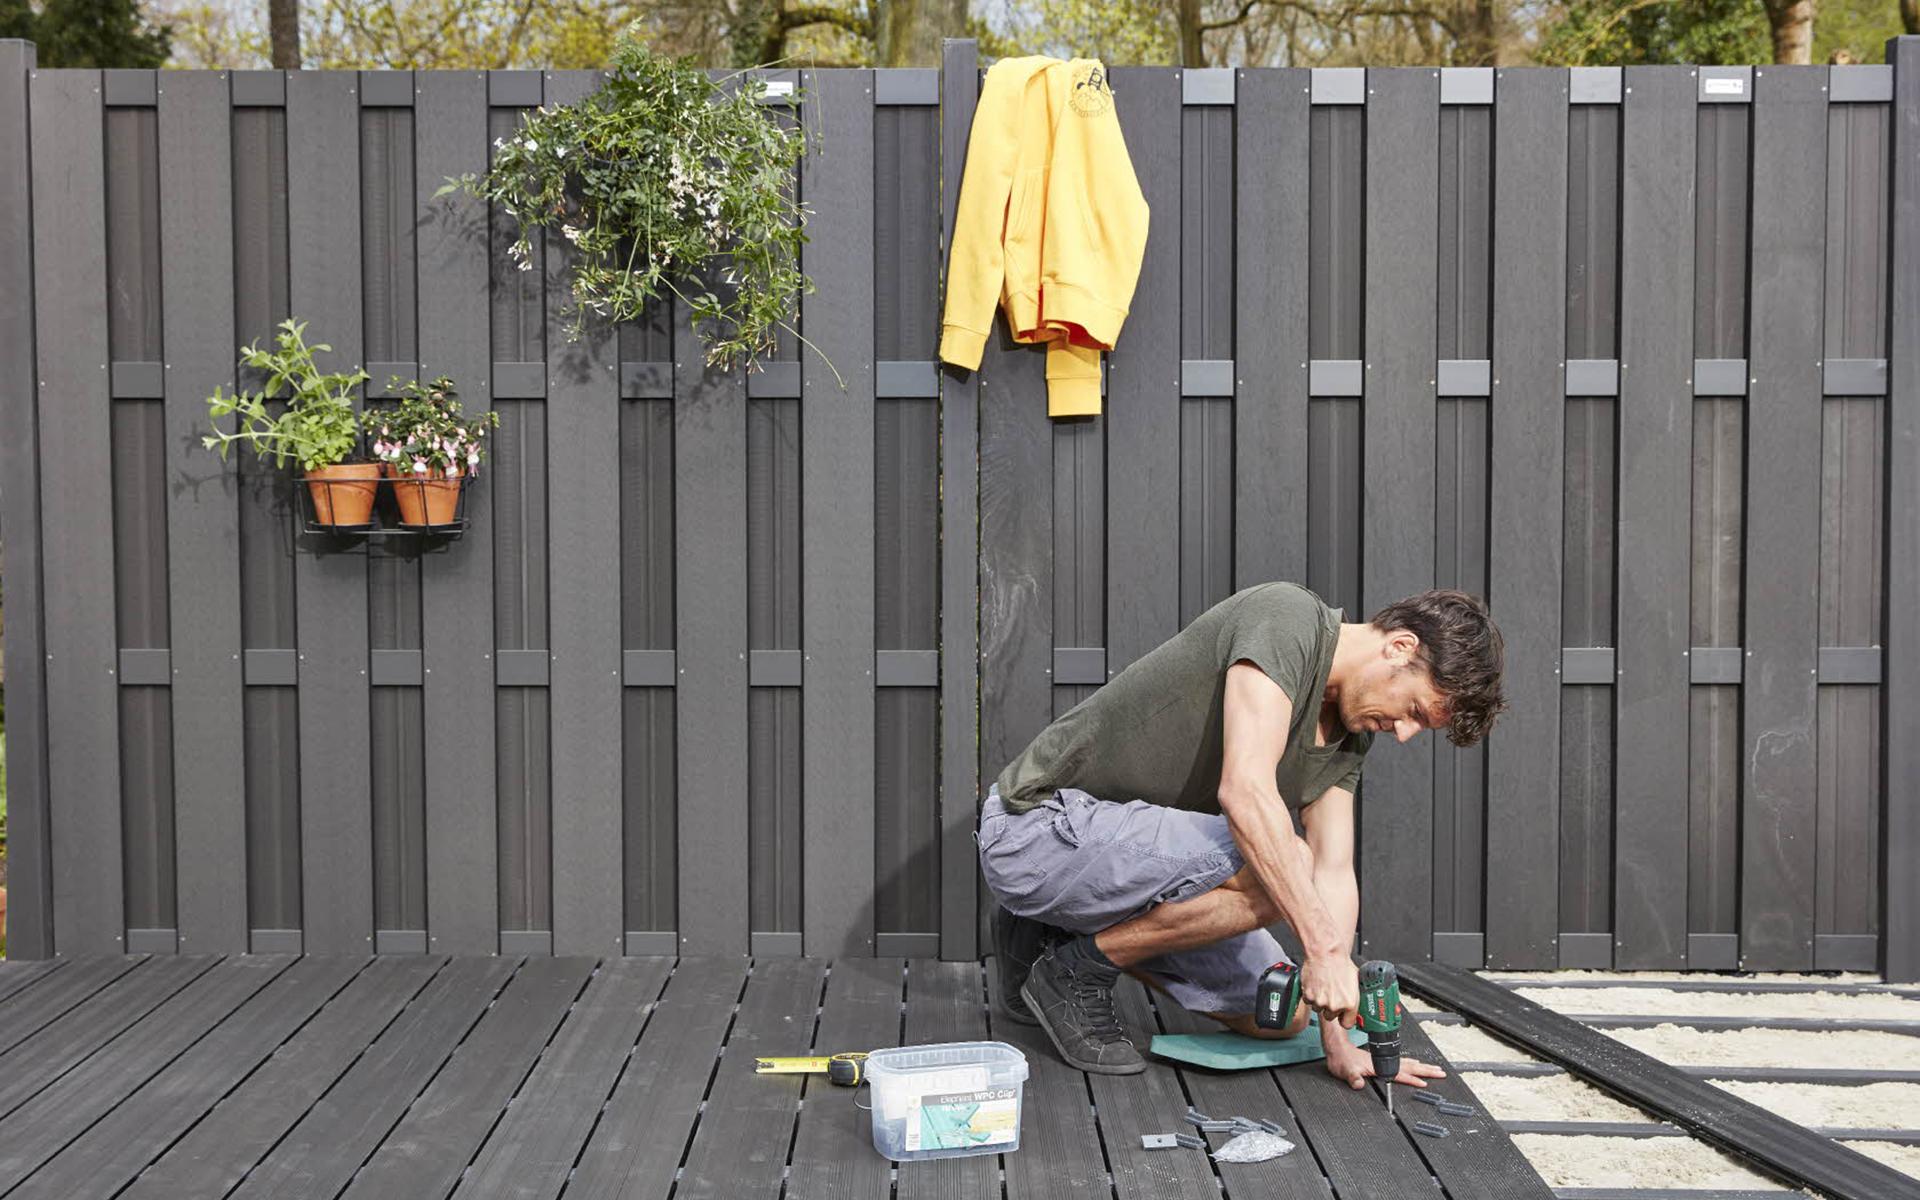 Praxis Toilet Fontein : Alles voor een mooie tuin sfeervol buitenleven praxis